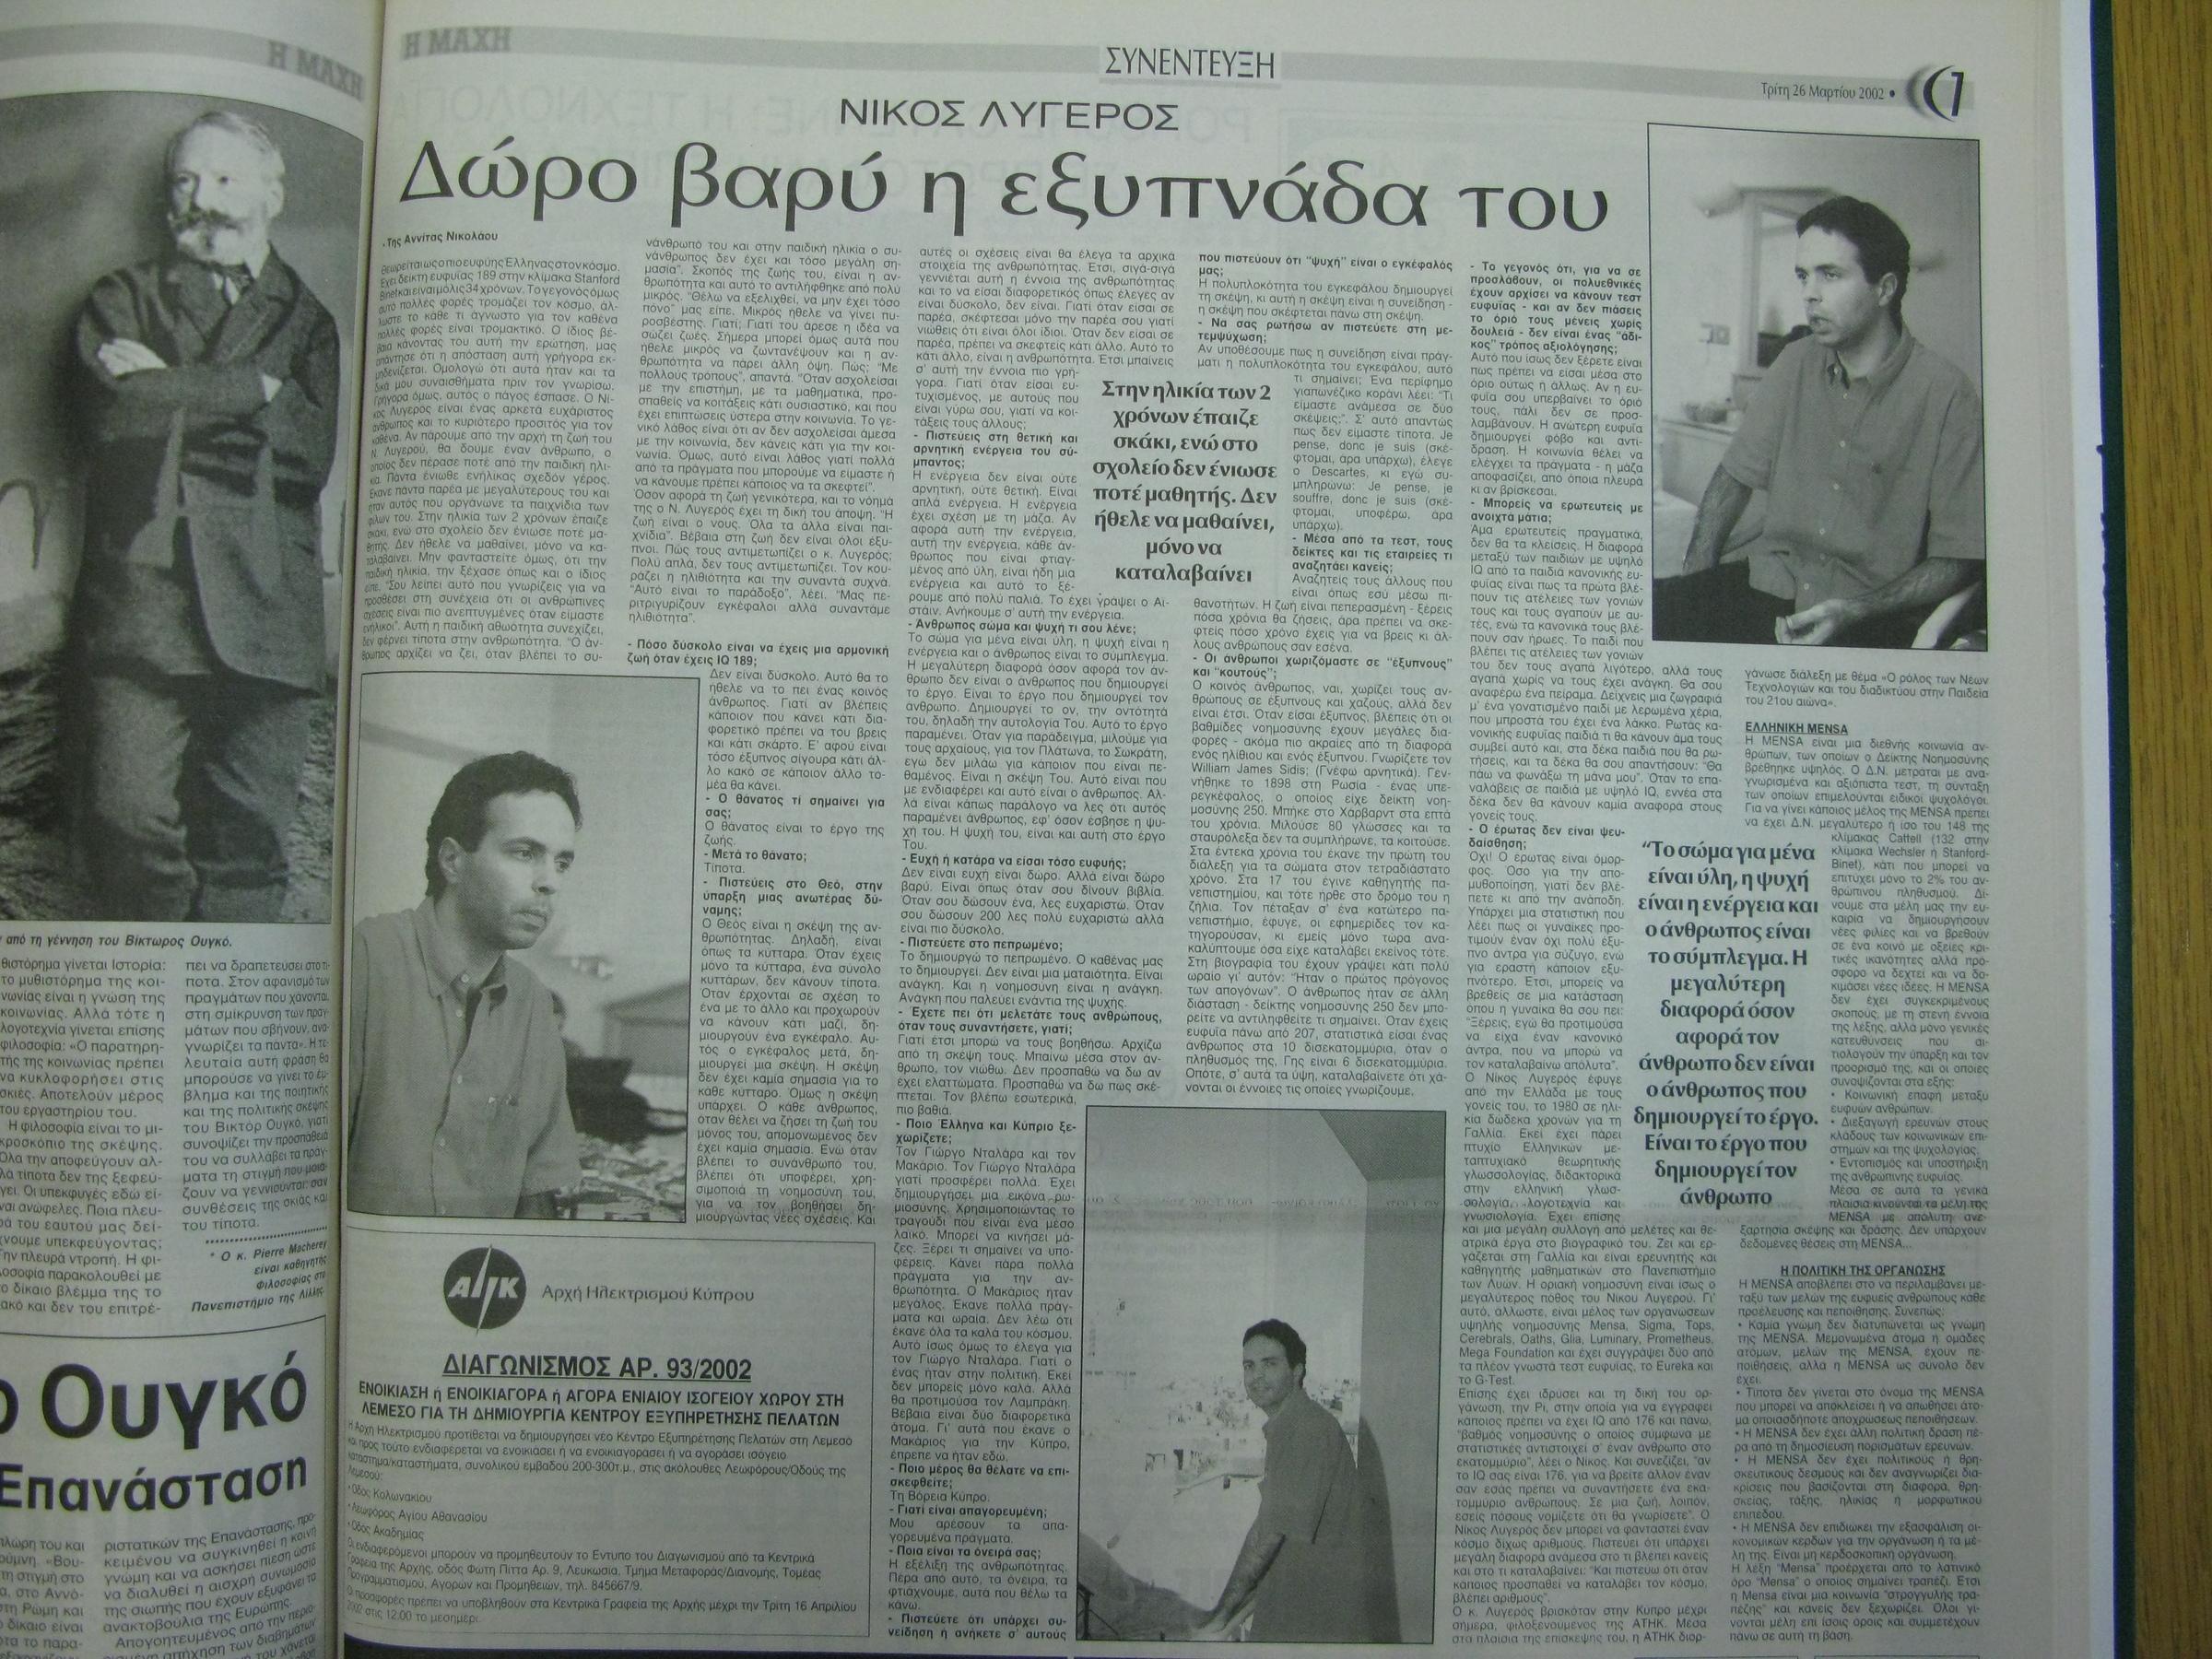 Δώρο βαρύ η εξυπνάδα του. MAXH 26/03/2002.